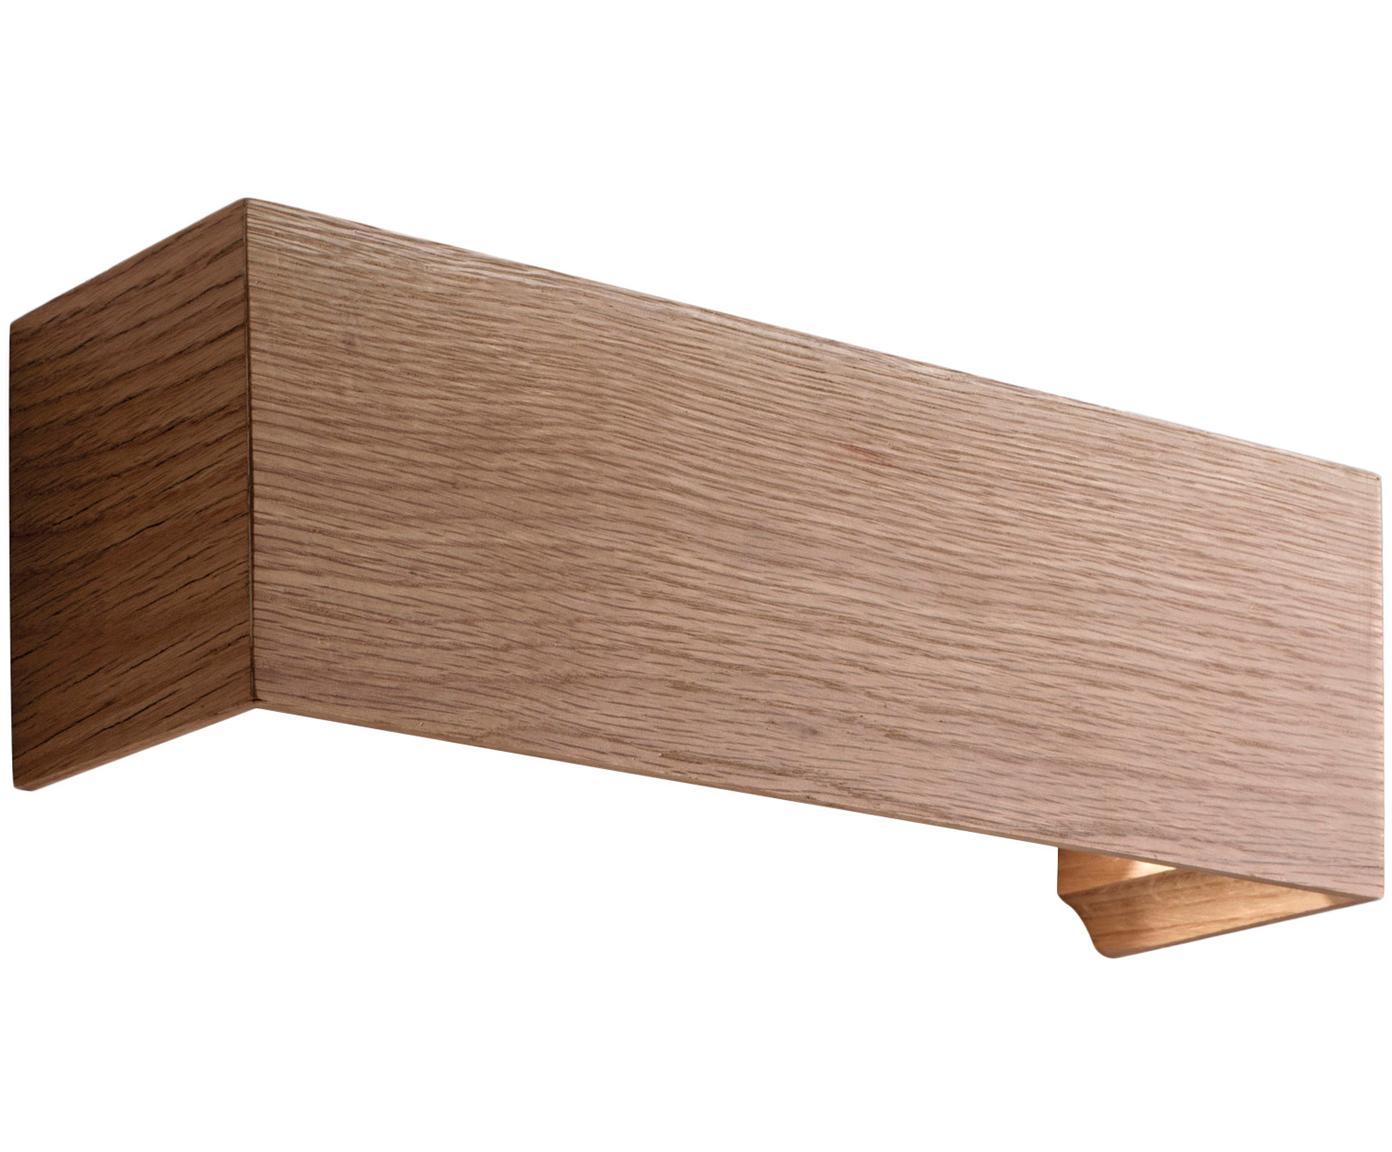 Wandlamp Badia, Eikenhoutkleurig, 38 x 12 cm